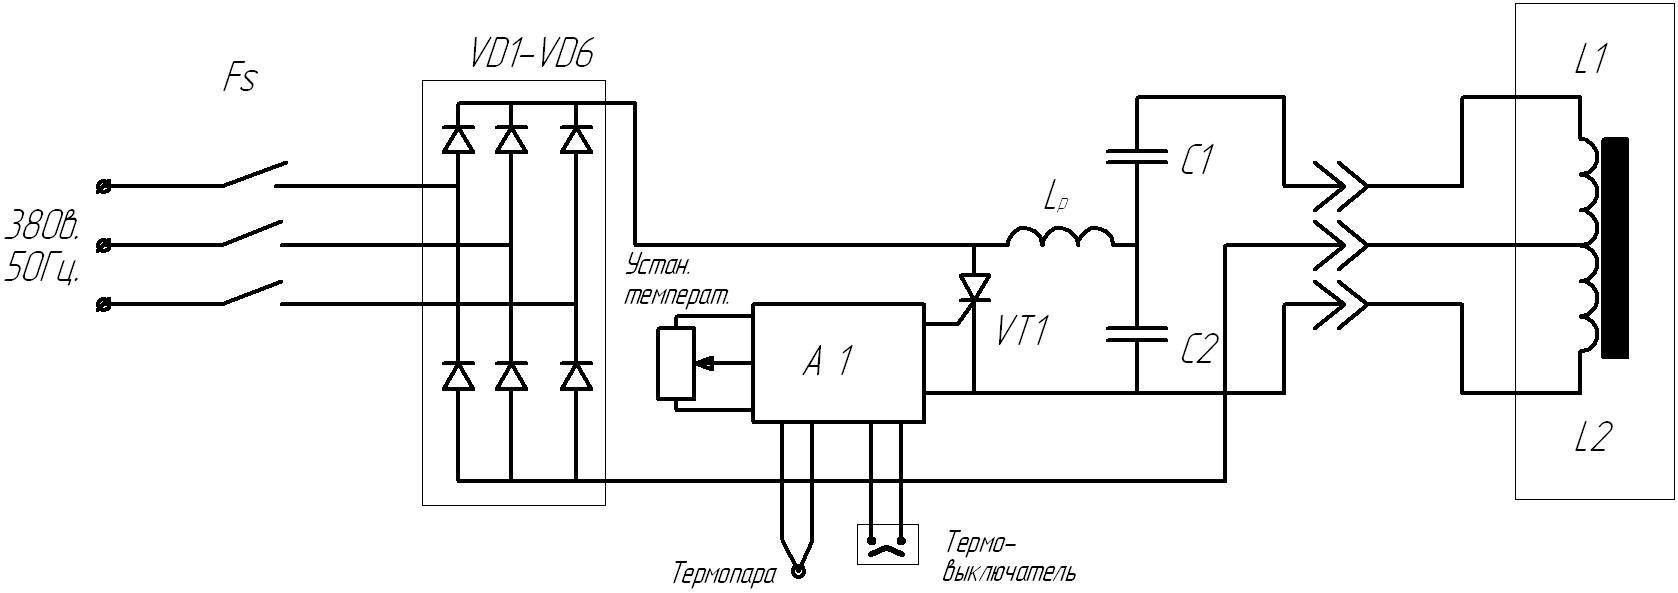 Индукционный нагреватель своими руками схема видео